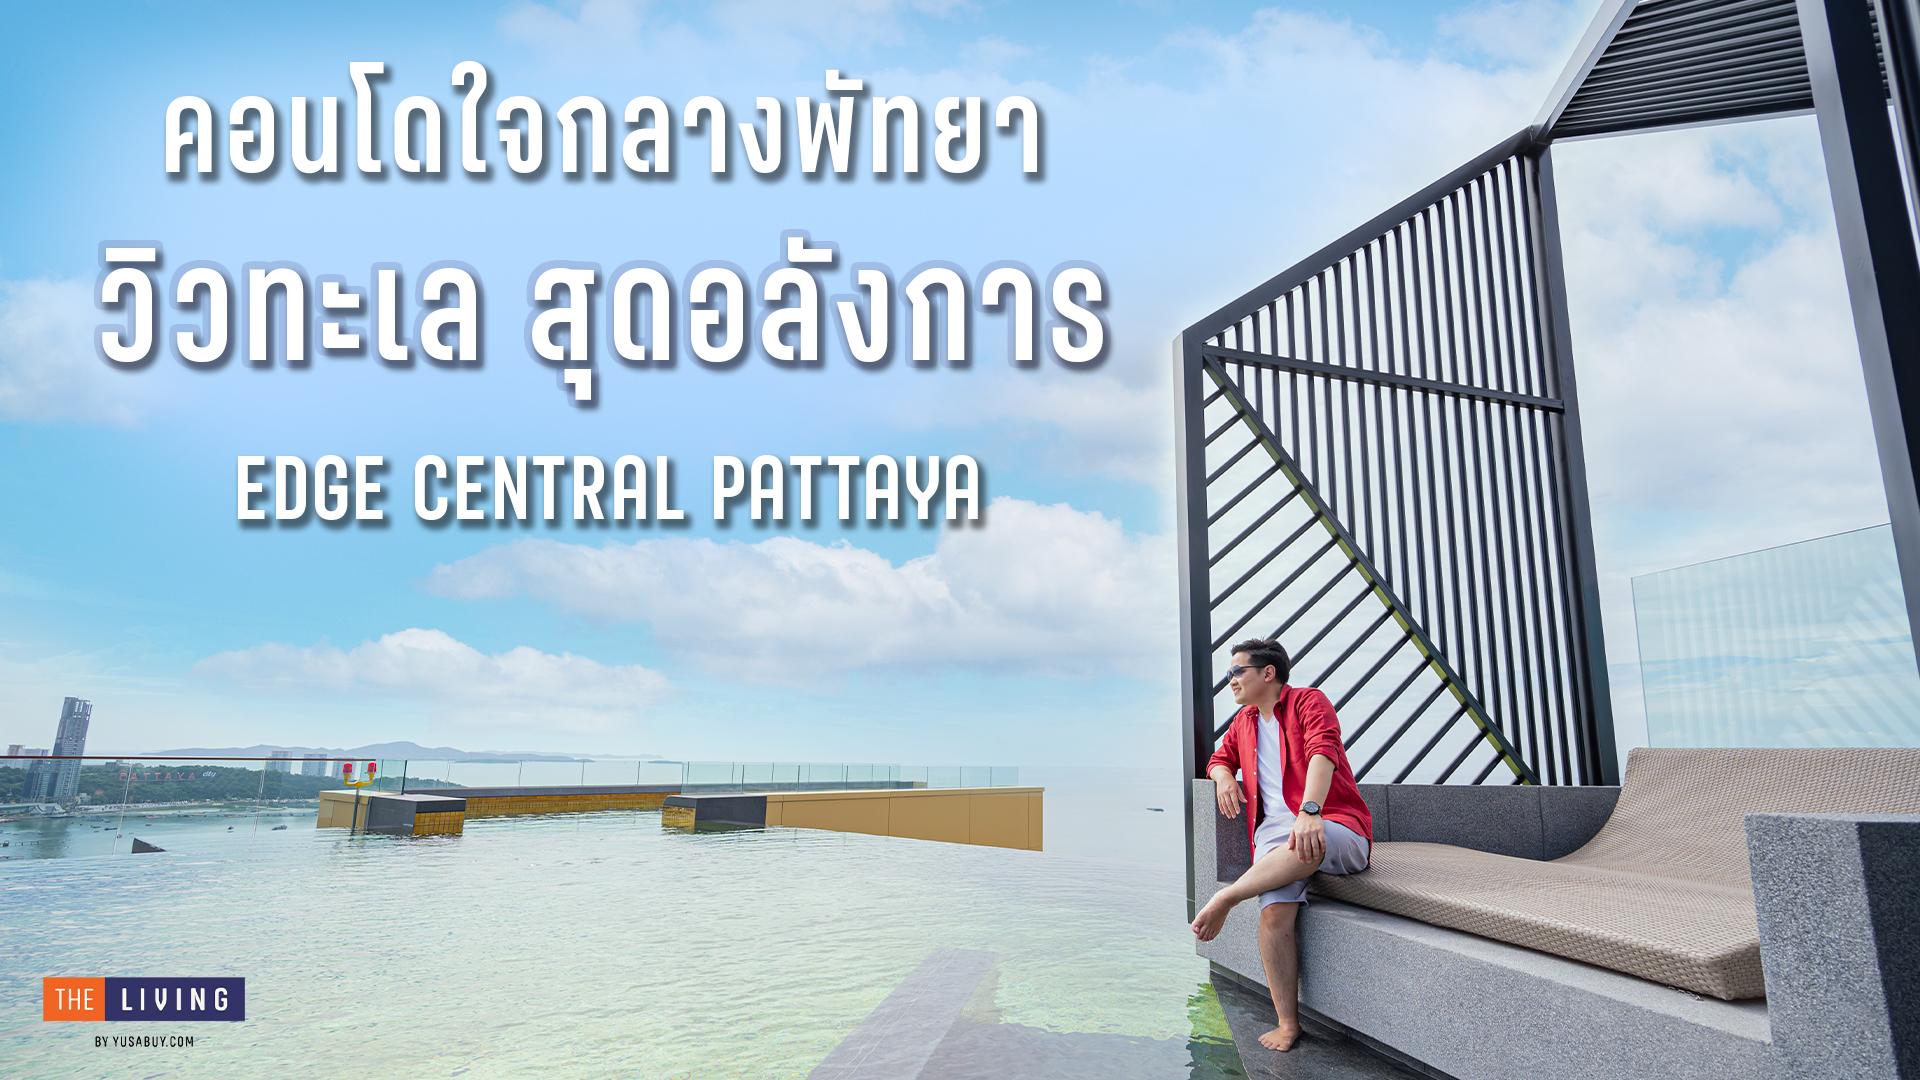 รีวิวคอนโดมิเนียม High Rise วิวทะเลอ่าวไทยสุดอลังการที่ EDGE Central Pattaya (เอดจ์ เซ็นทรัล พัทยา) จาก แสนสิริ